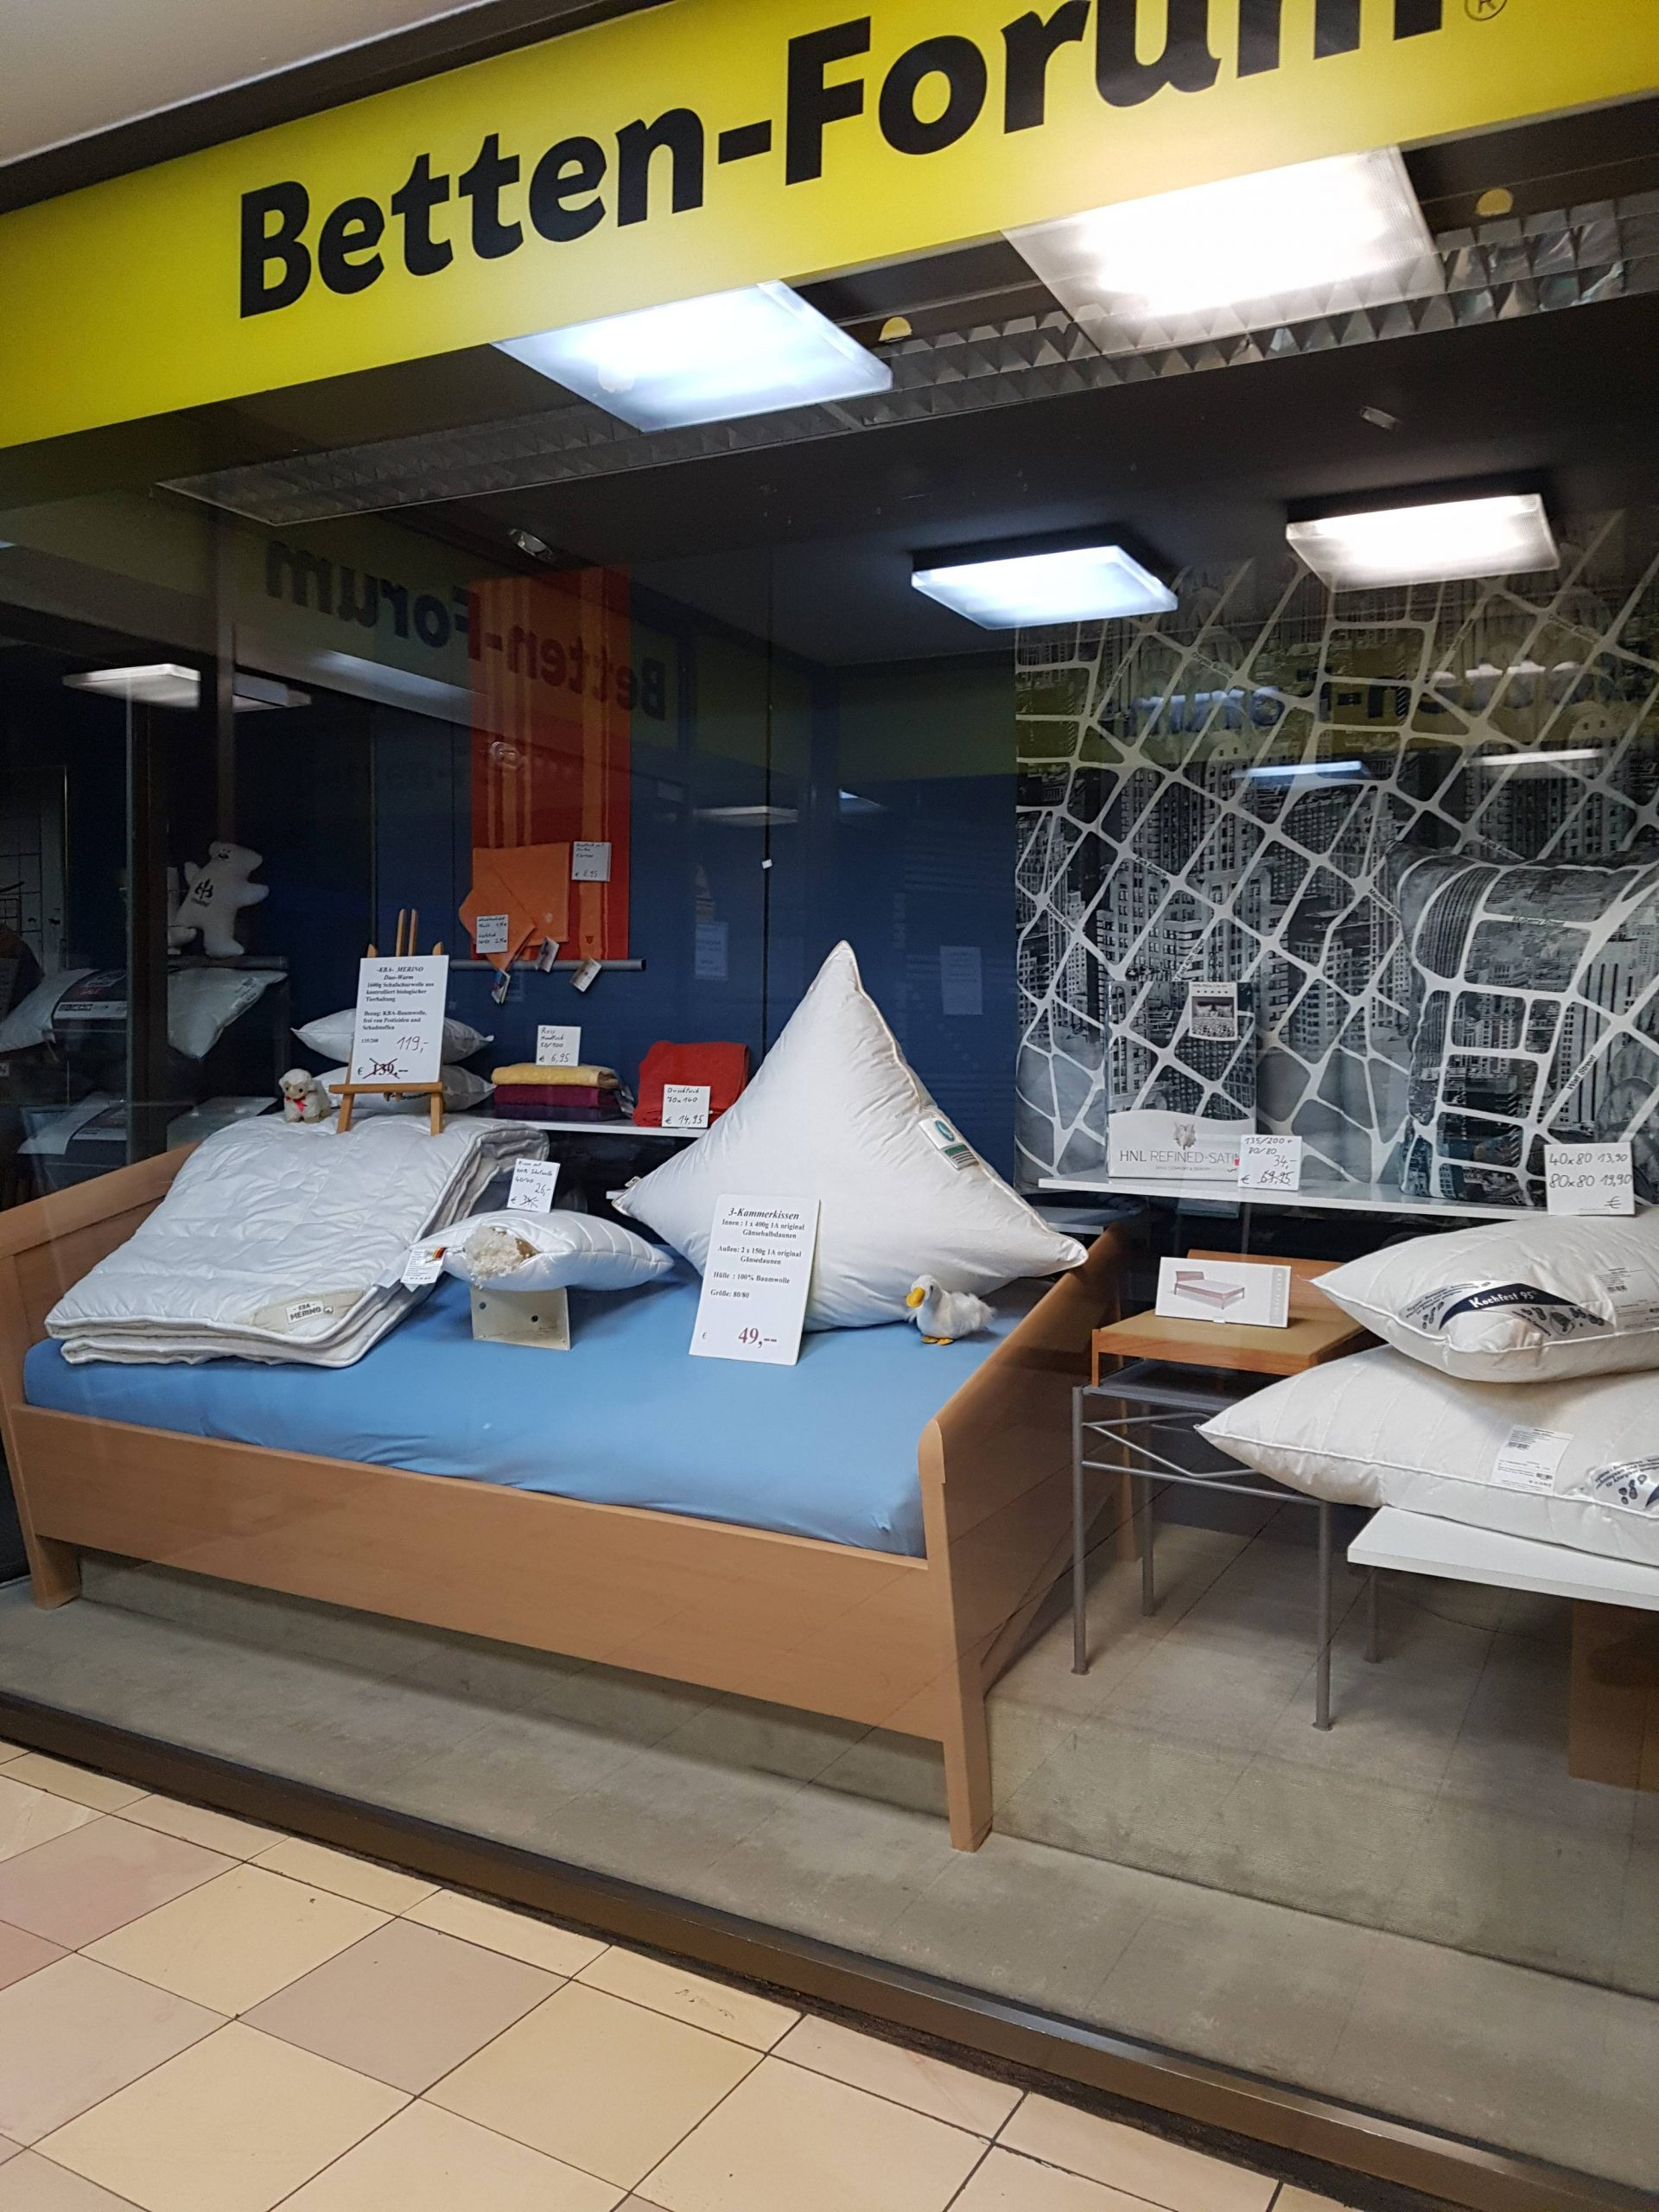 Full Size of Betten Forum Dsseldorfer 7 Inh Gimou Gmbh 51379 Ruf Oschmann Kinder Mit Aufbewahrung Frankfurt 180x200 Hohe Günstig Kaufen Jensen Günstige 140x200 100x200 Bett Betten Düsseldorf